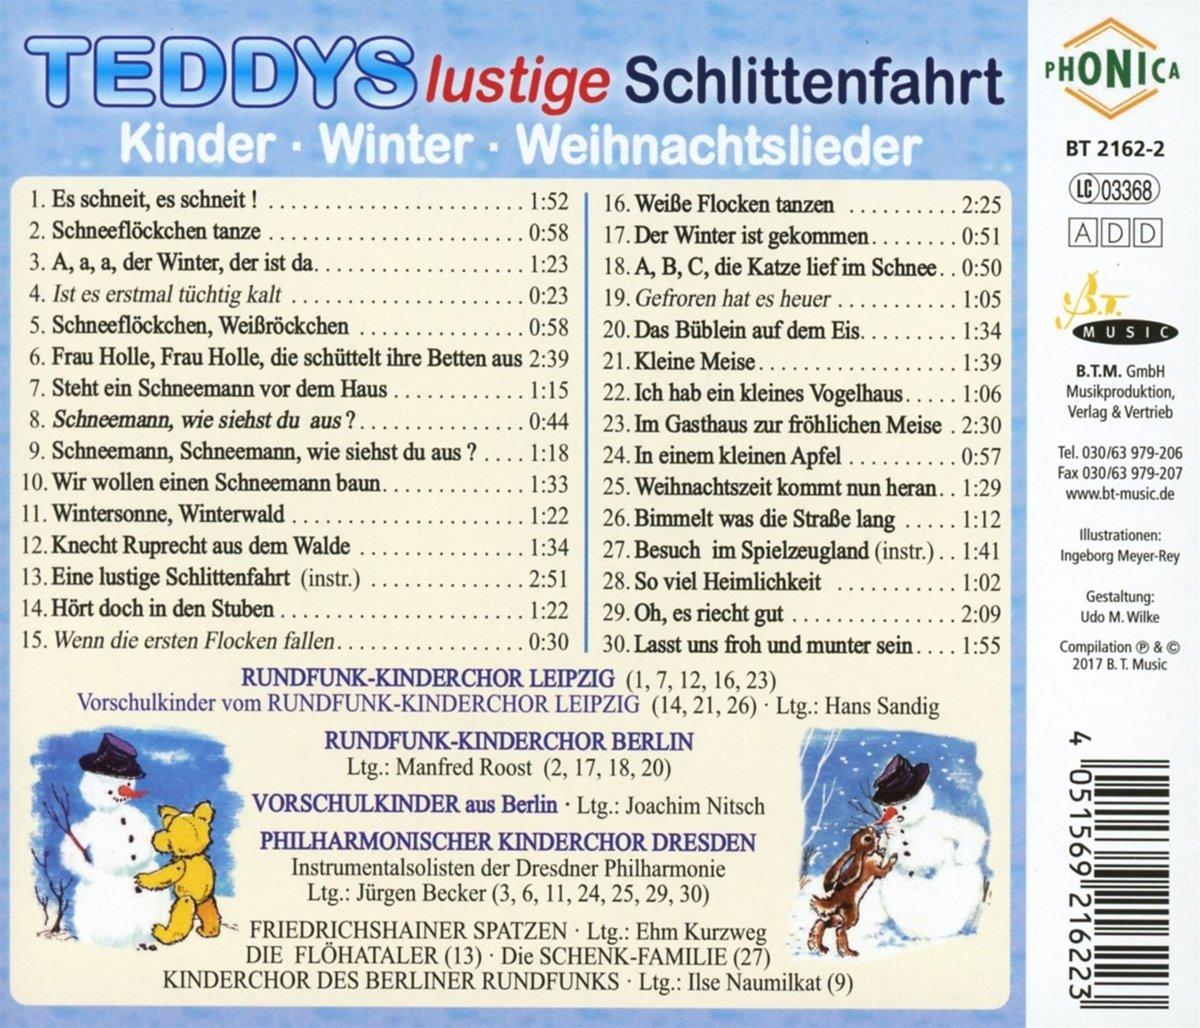 Lustige Weihnachtslieder Texte.Teddys Lustige Schlittenfahrt Kinder Weihnachtslieder